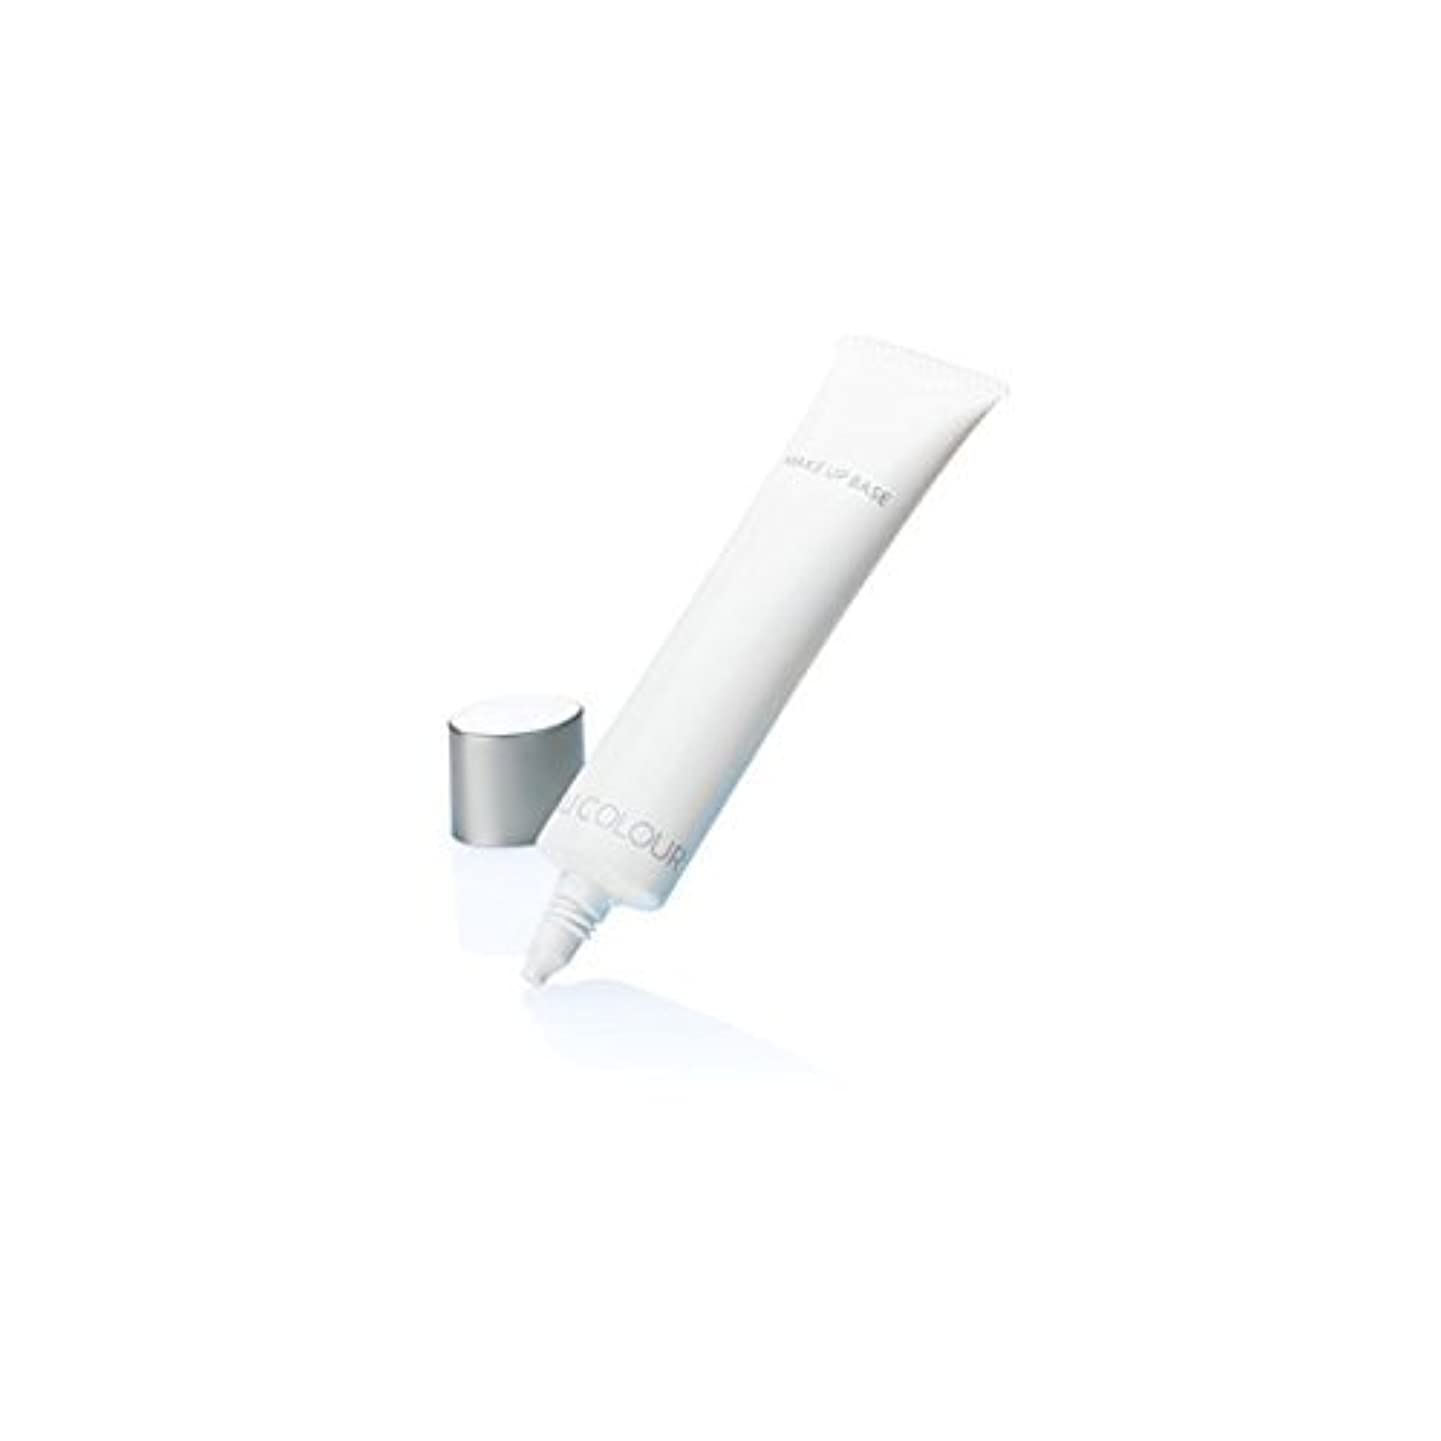 起こる拍手からに変化するニュースキン NU SKIN UV メイクアップ ベース SPF18?PA++ クリア 03160813